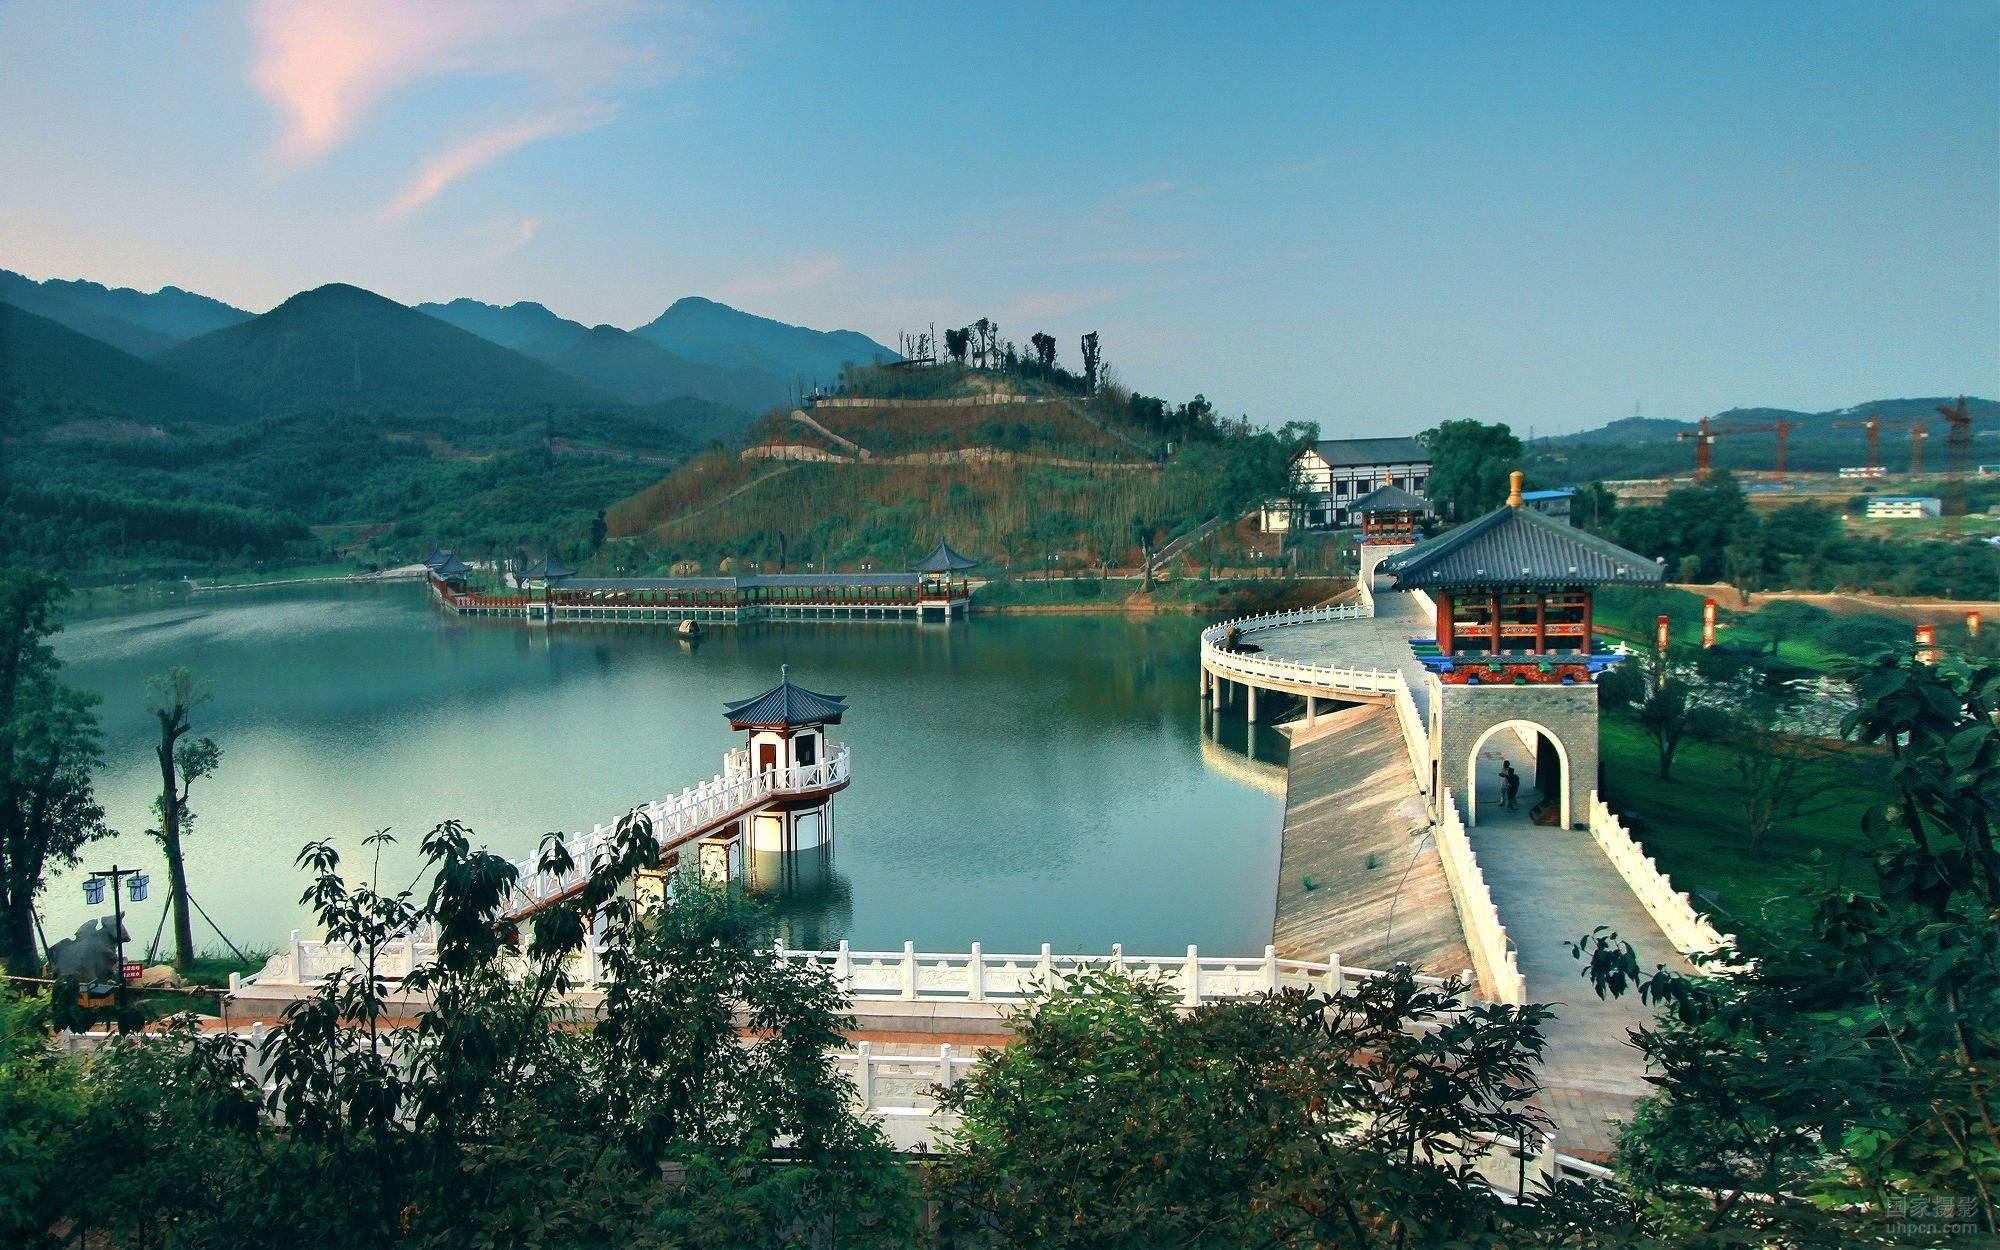 游永川神女湖,清新雅致,闲静舒适